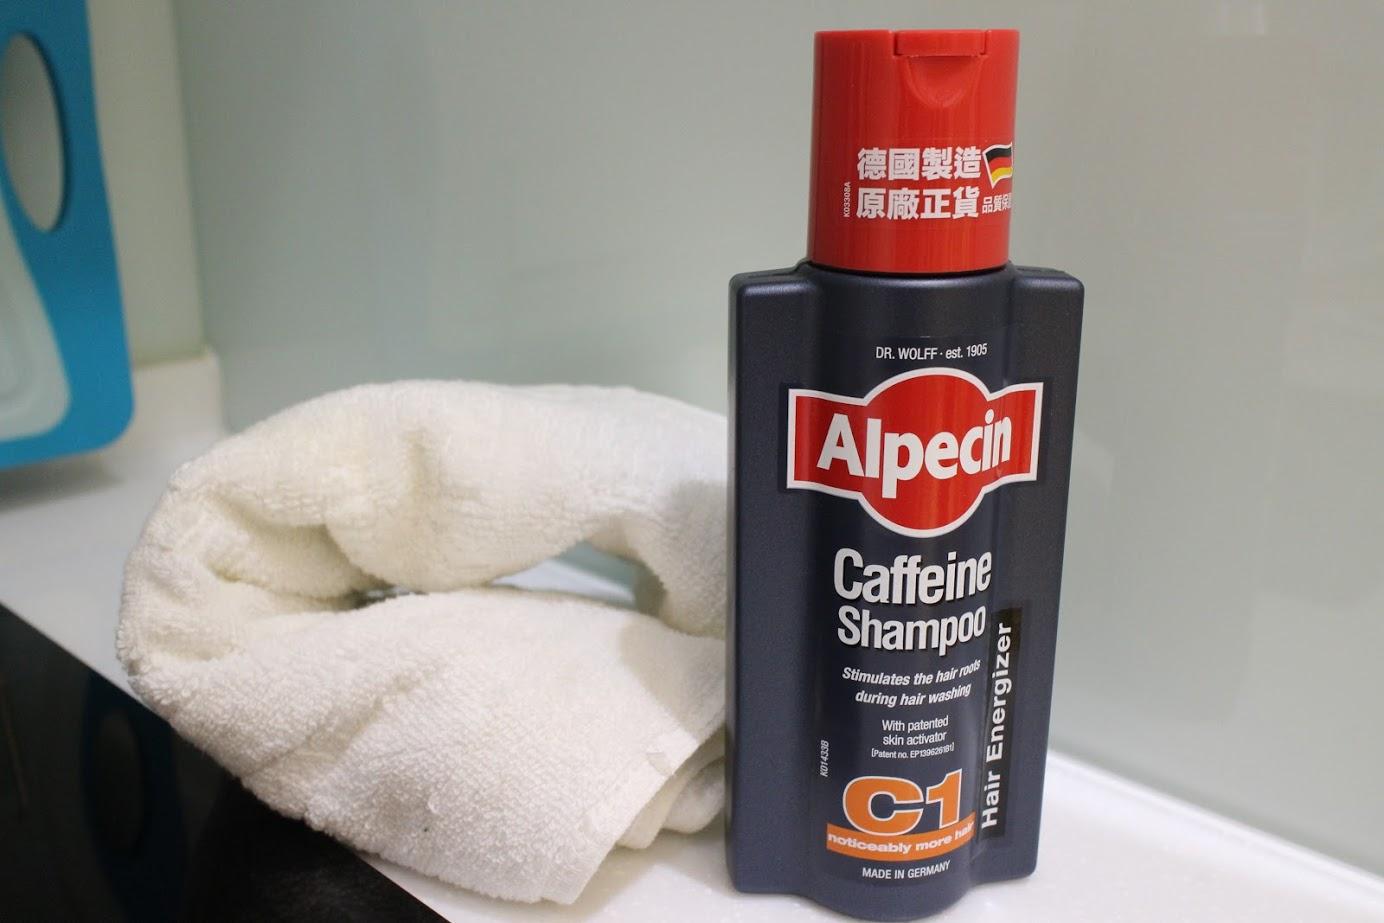 【德國髮現Alpecin C1】推薦給在夏天有頭皮出油問題男性的優質咖啡因洗髮露 @秤瓶樂遊遊